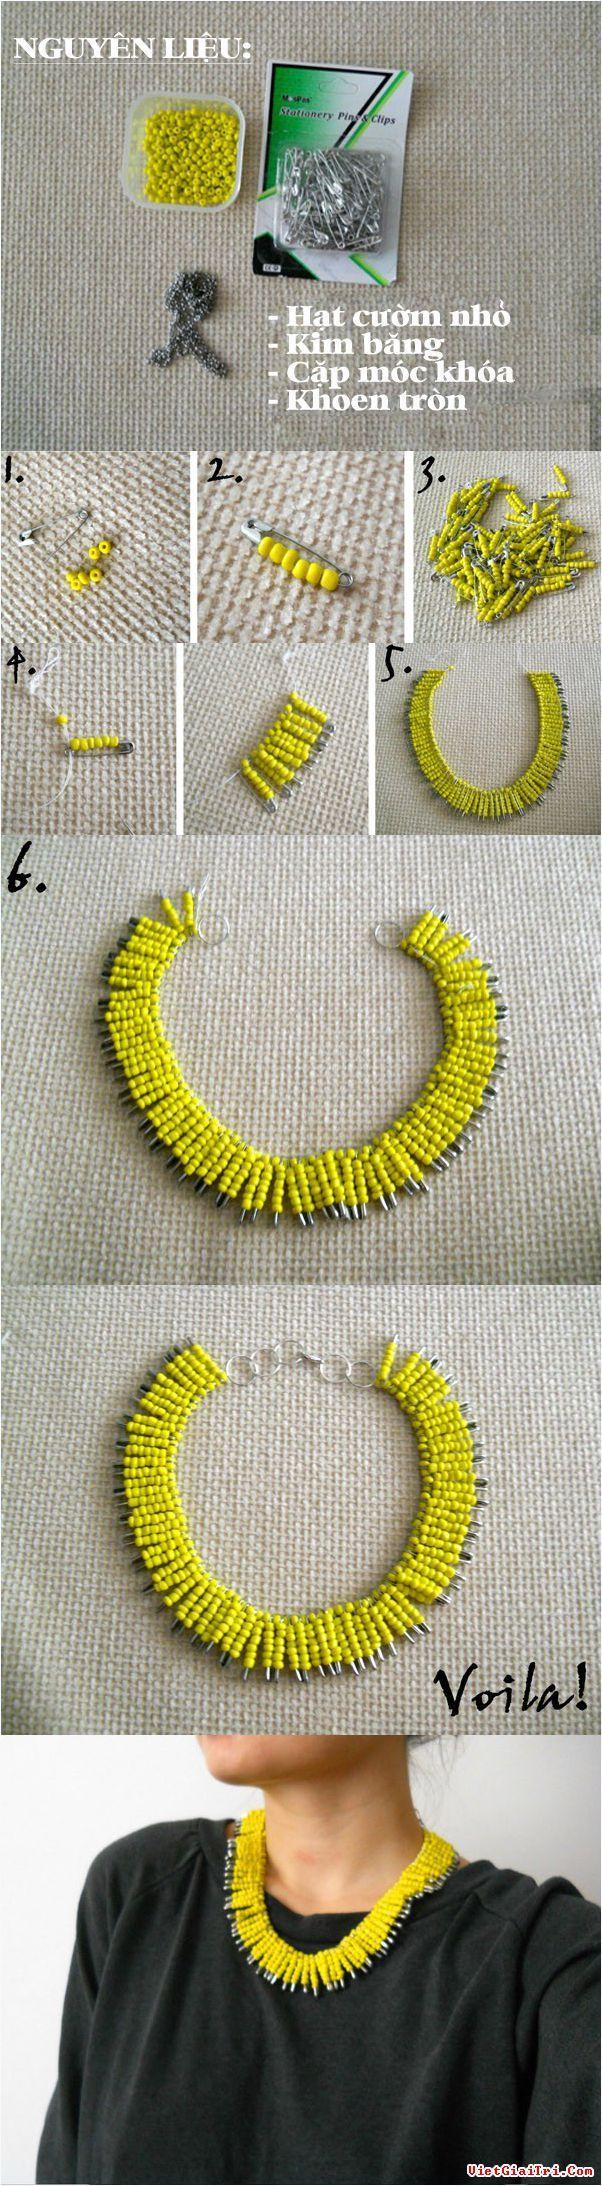 DIY Yellow Necklace Tutorial